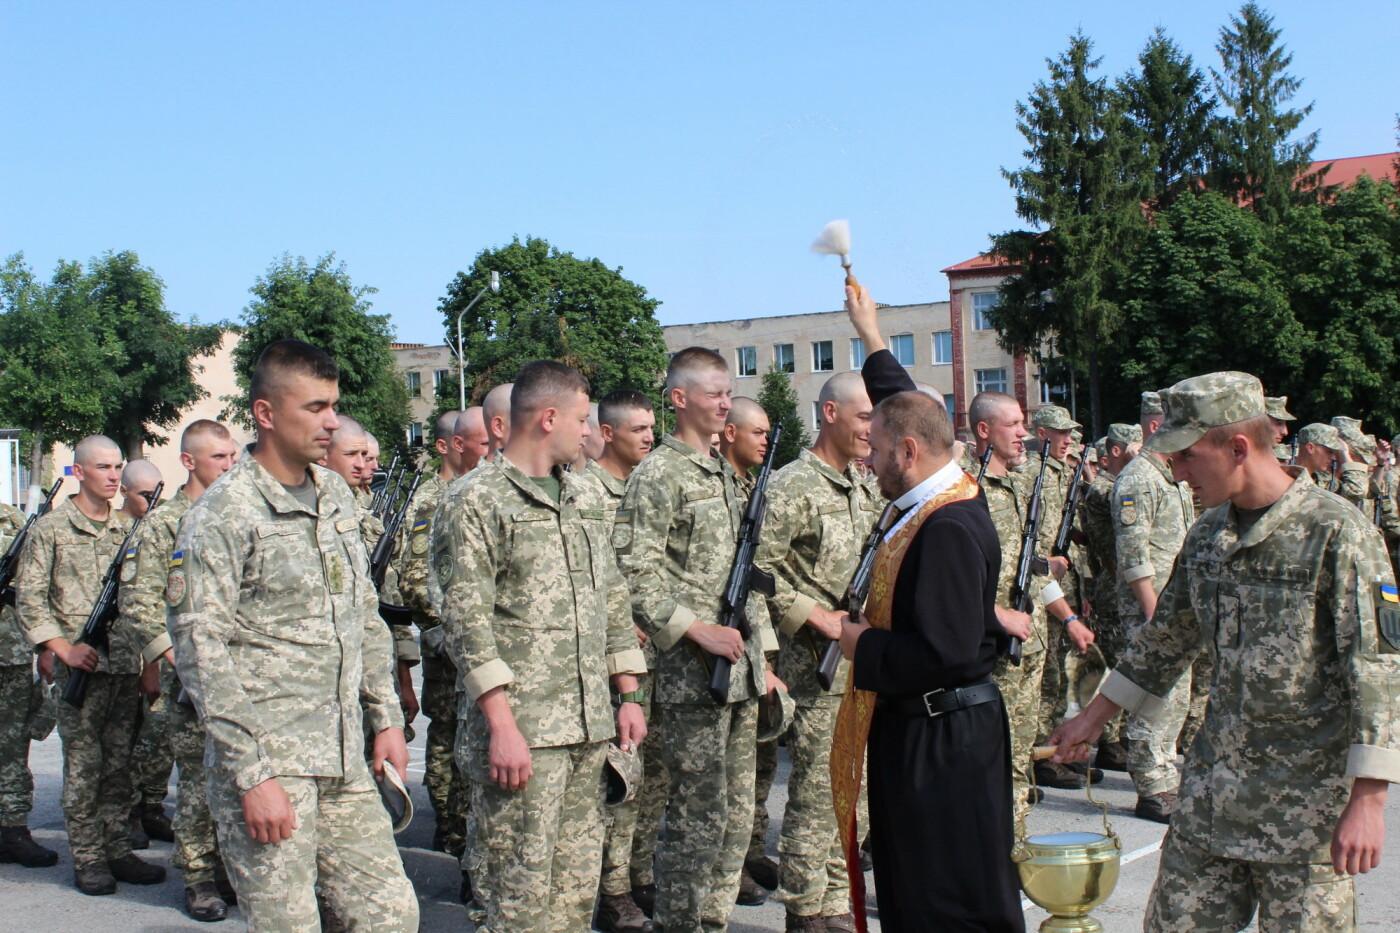 У Кам'янці 240 військовослужбовців склали присягу, фото-11, Фото: Olha Povorozniuk